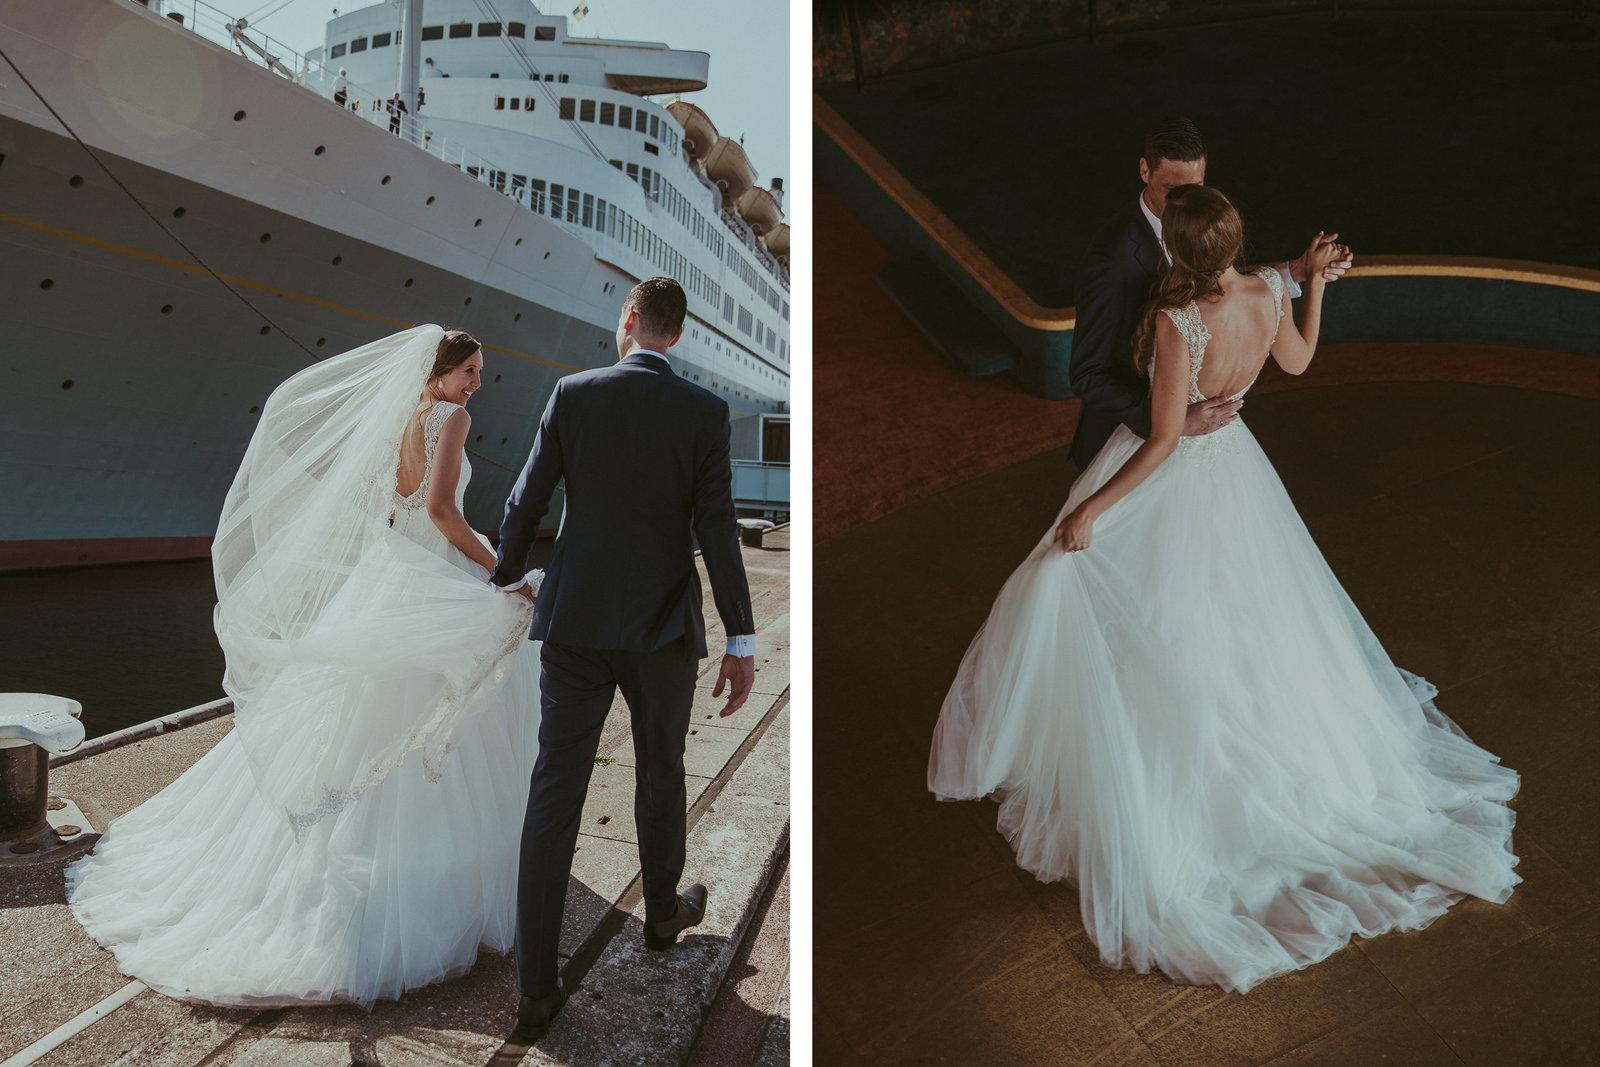 Bruidspaar voor het SS Rotterdam met de wind in de sluier. En dansend bruidspaar in The Grand Ballroom.  Copyright Nanda Zee-Fritse | FOTOZEE